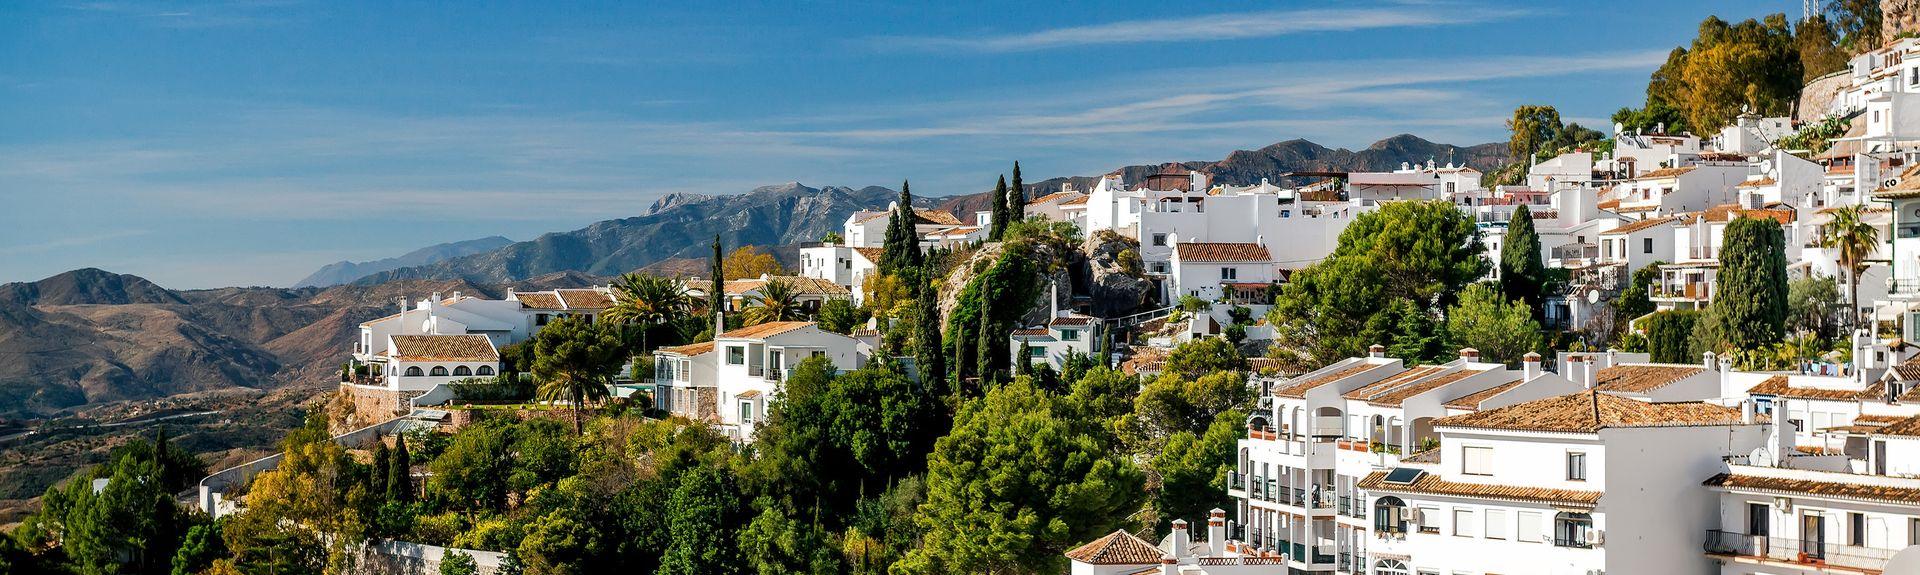 Mijas Costa, Mijas, Andalousie, Espagne